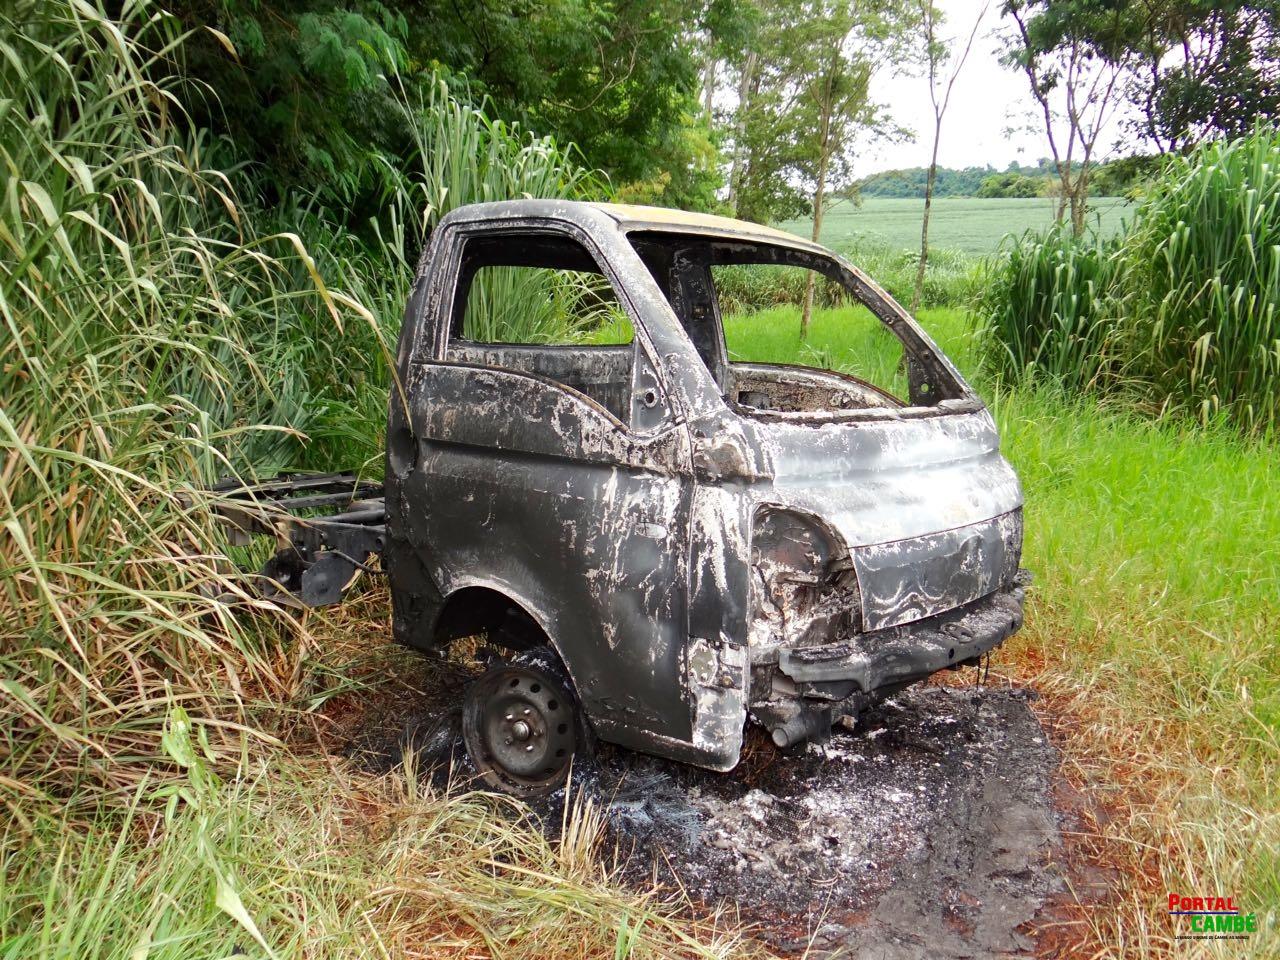 Caminhonete roubada em Curitiba é encontrada carbonizada em área rural de Cambé